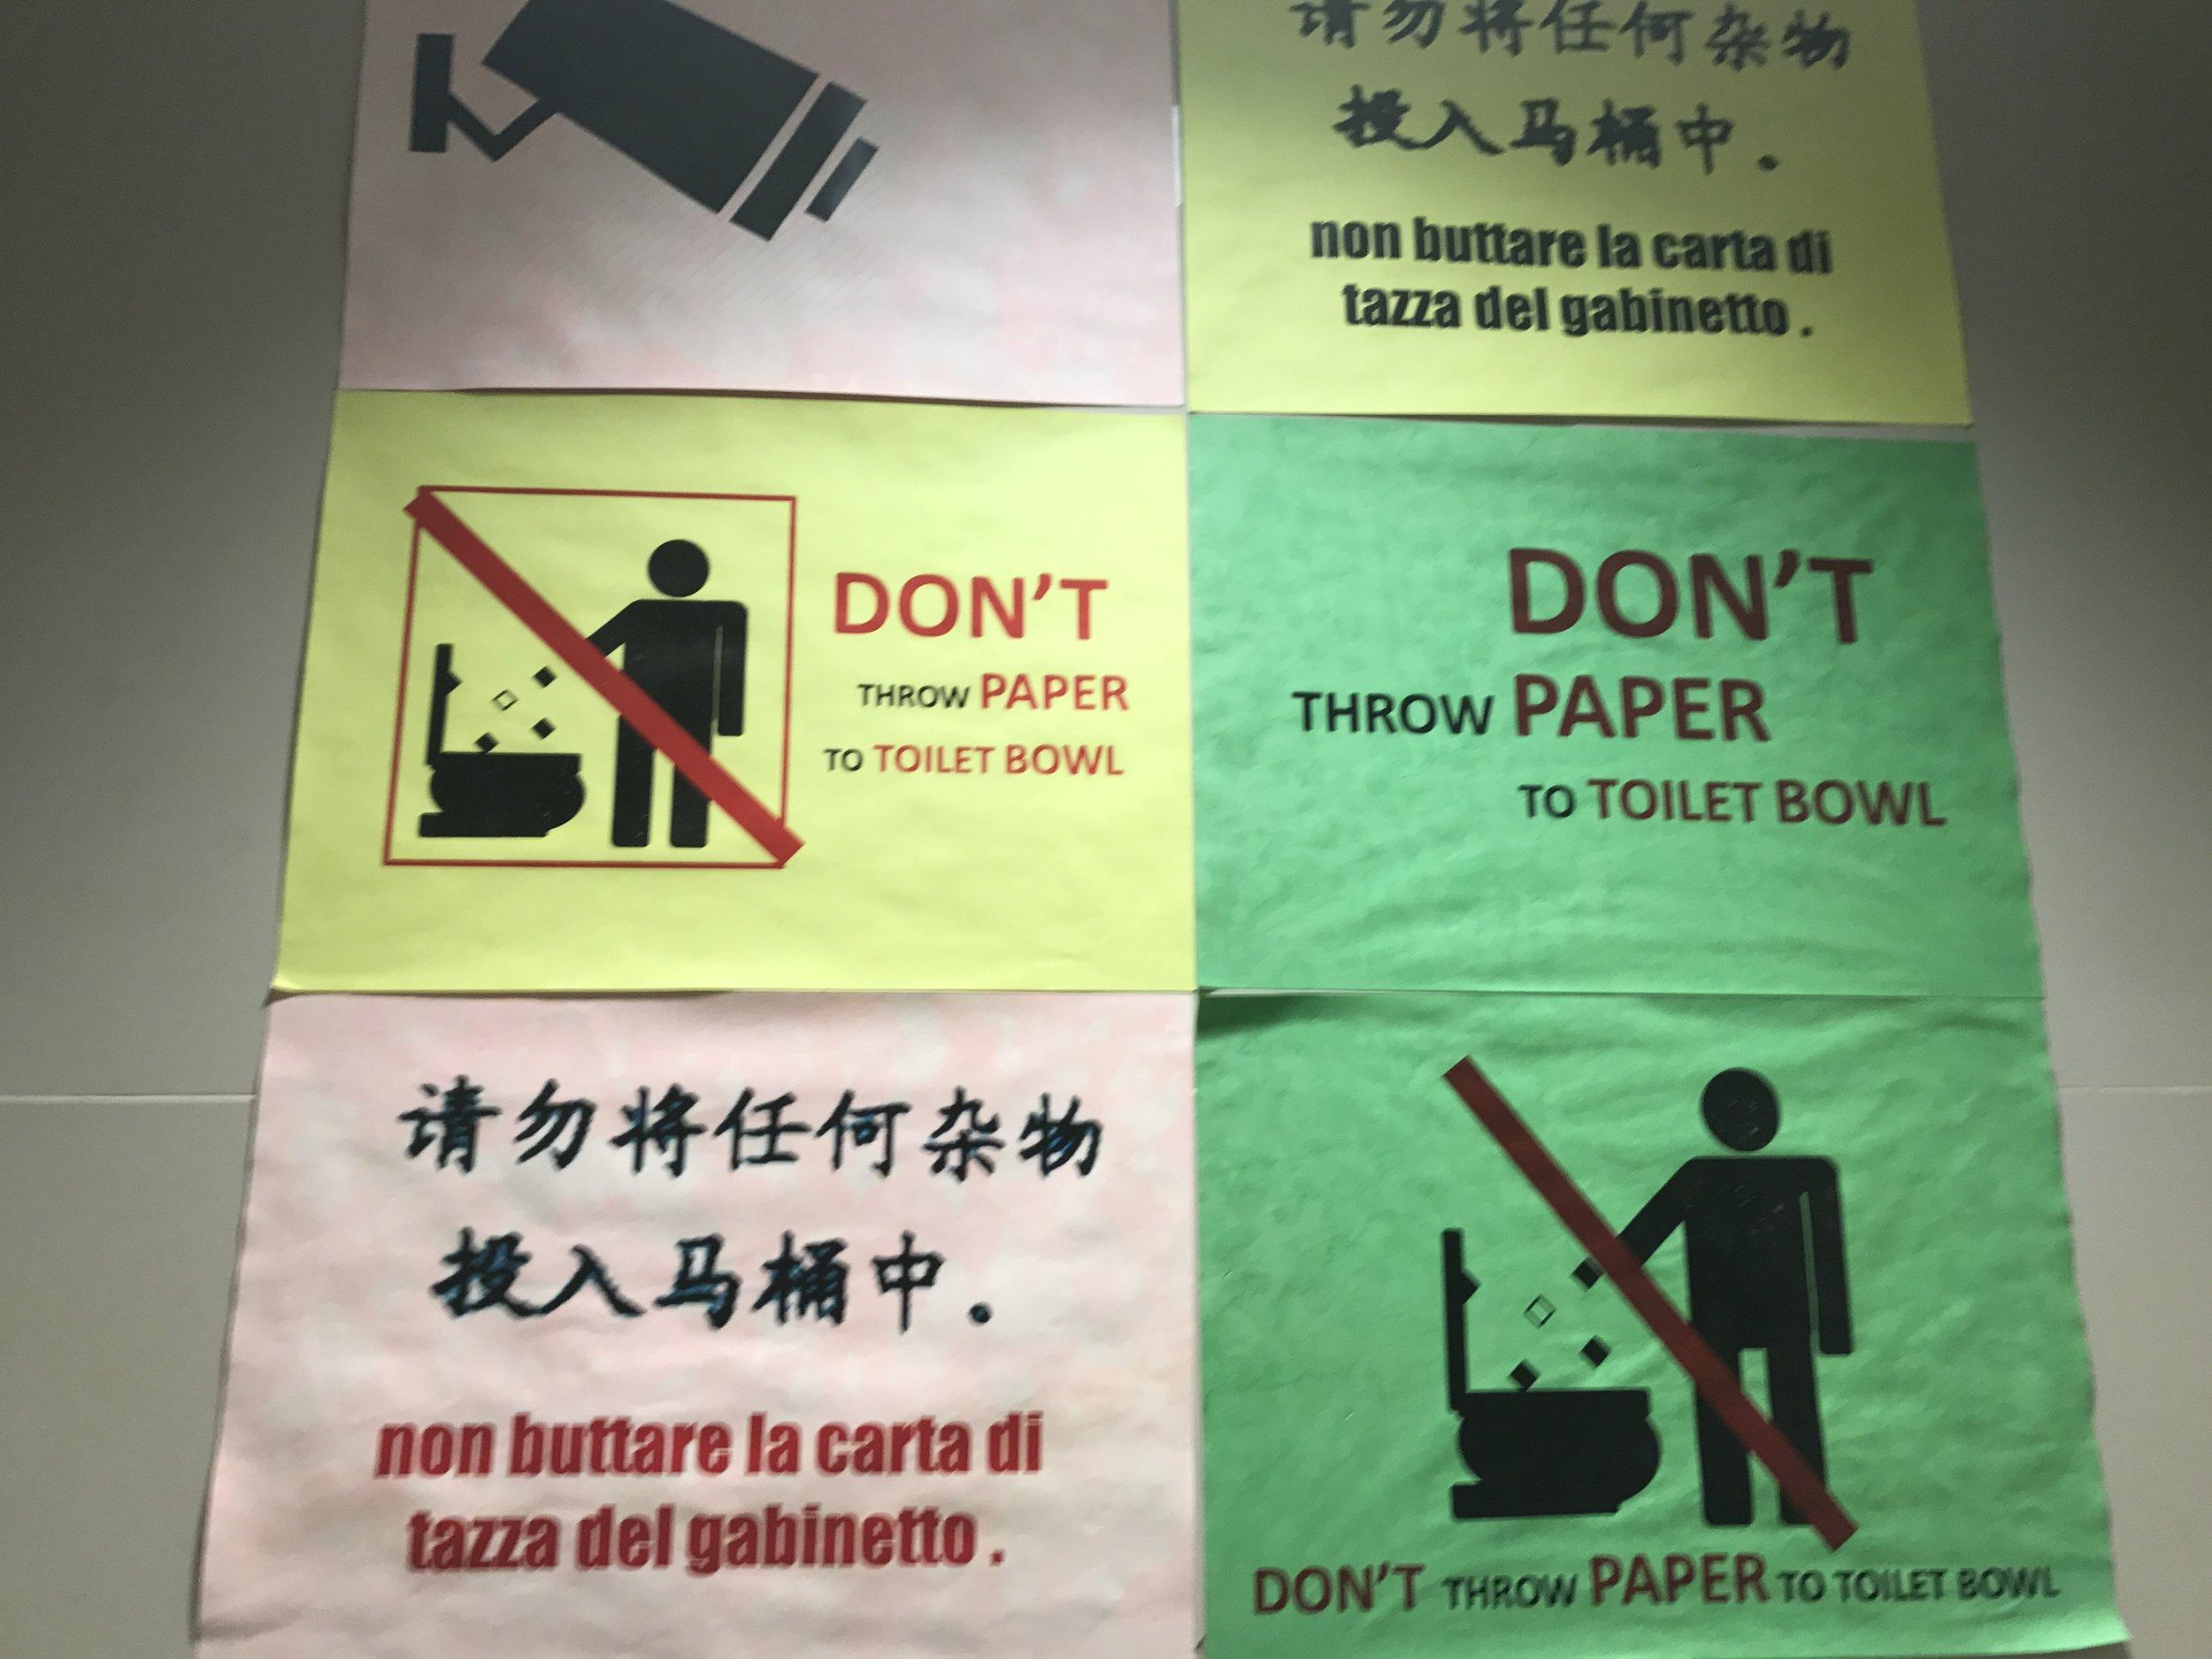 Toilet_Thailand.jpg